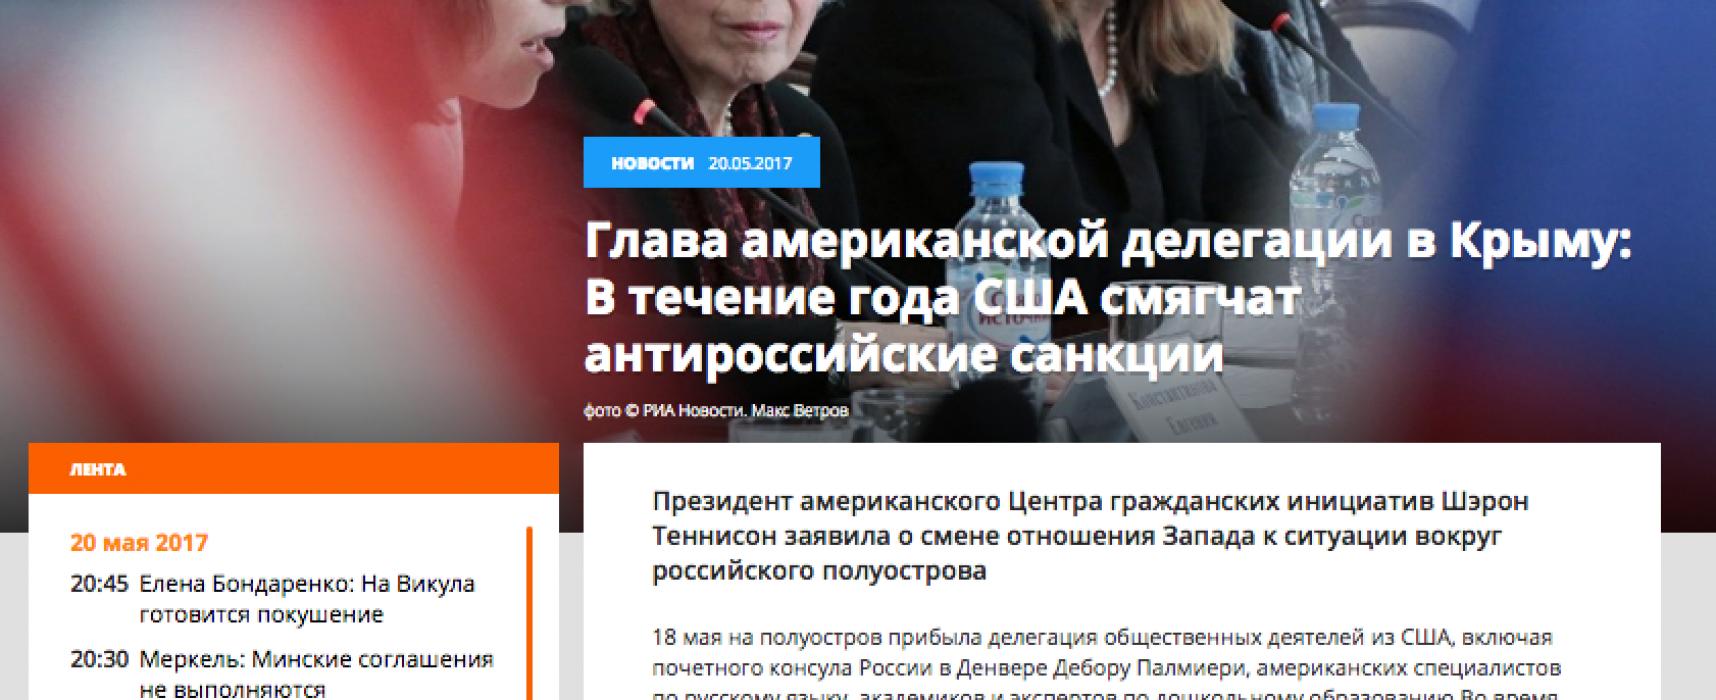 Фейк: Американска делегация заявила в Крим, че антируските санкции ще бъдат облекчени